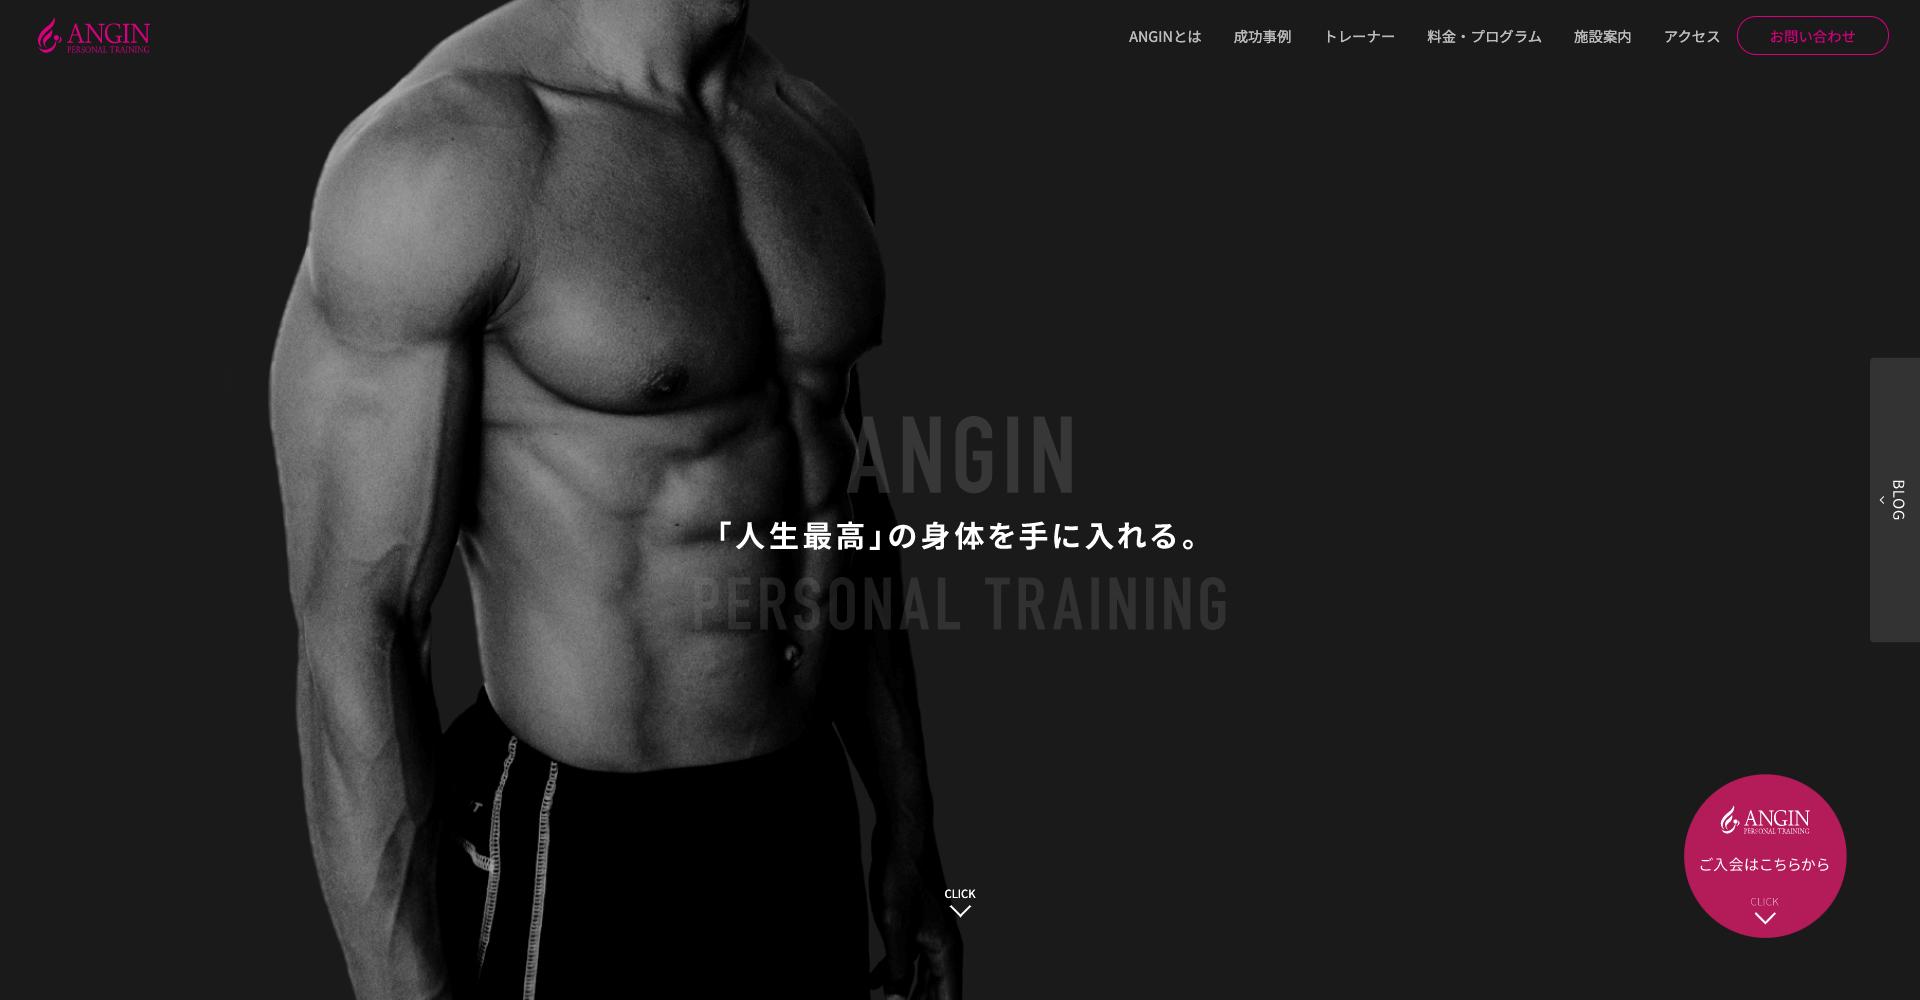 ANGIN(アンジン)札幌店